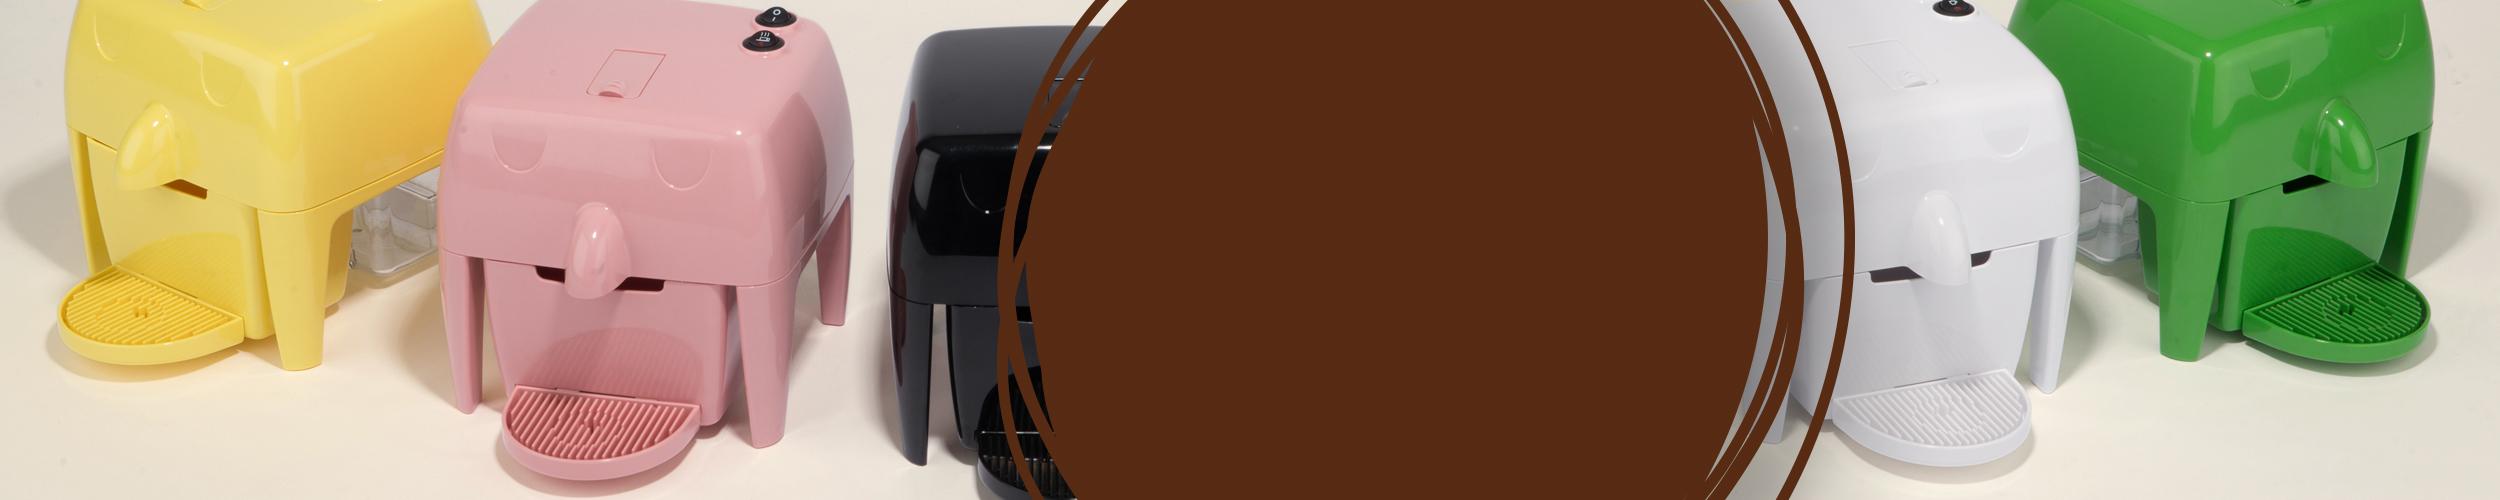 Coff-e Machine - Macchina da caffè a capsule - Coff-e System